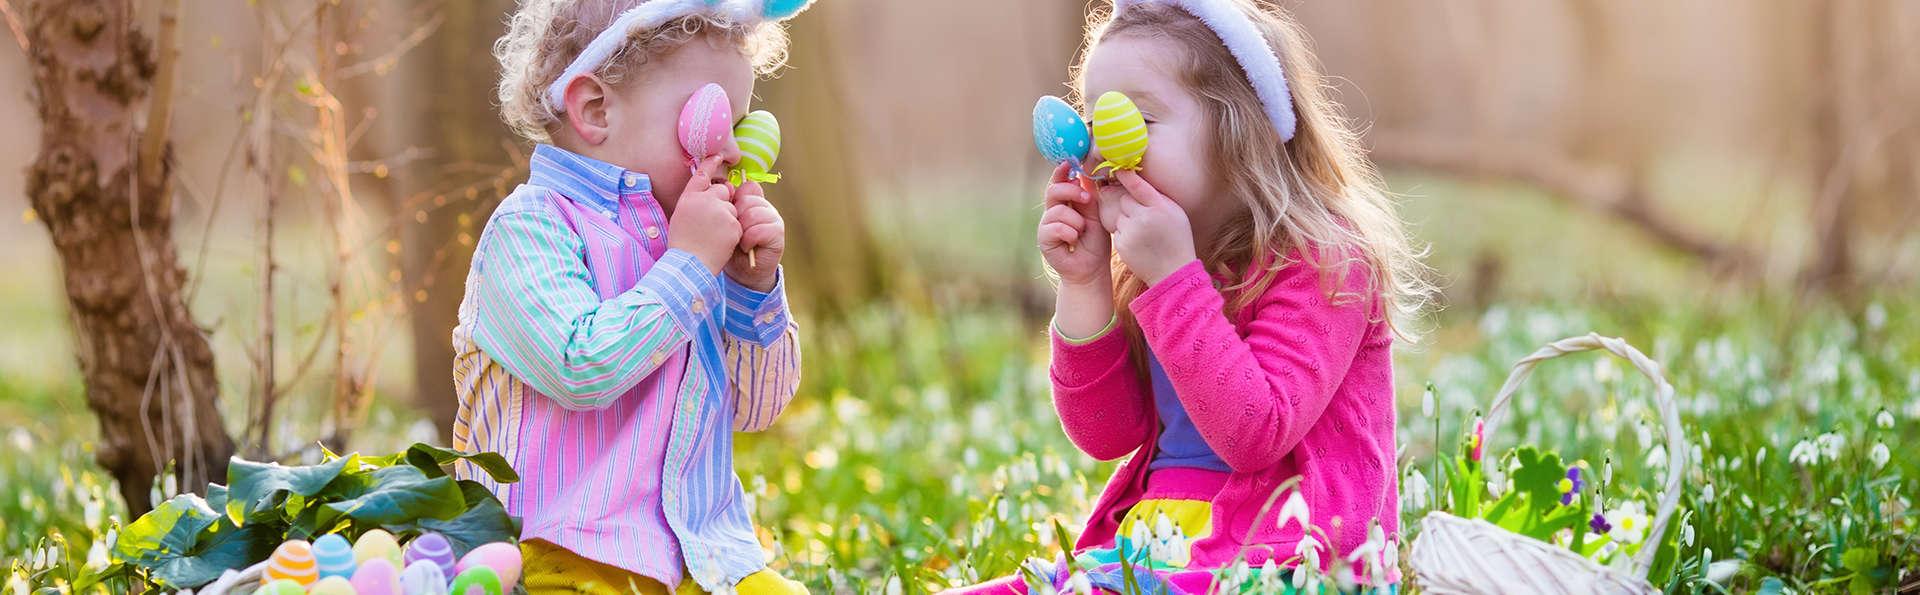 Offre spéciale Pâques avec atelier chocolat et chasse aux œufs